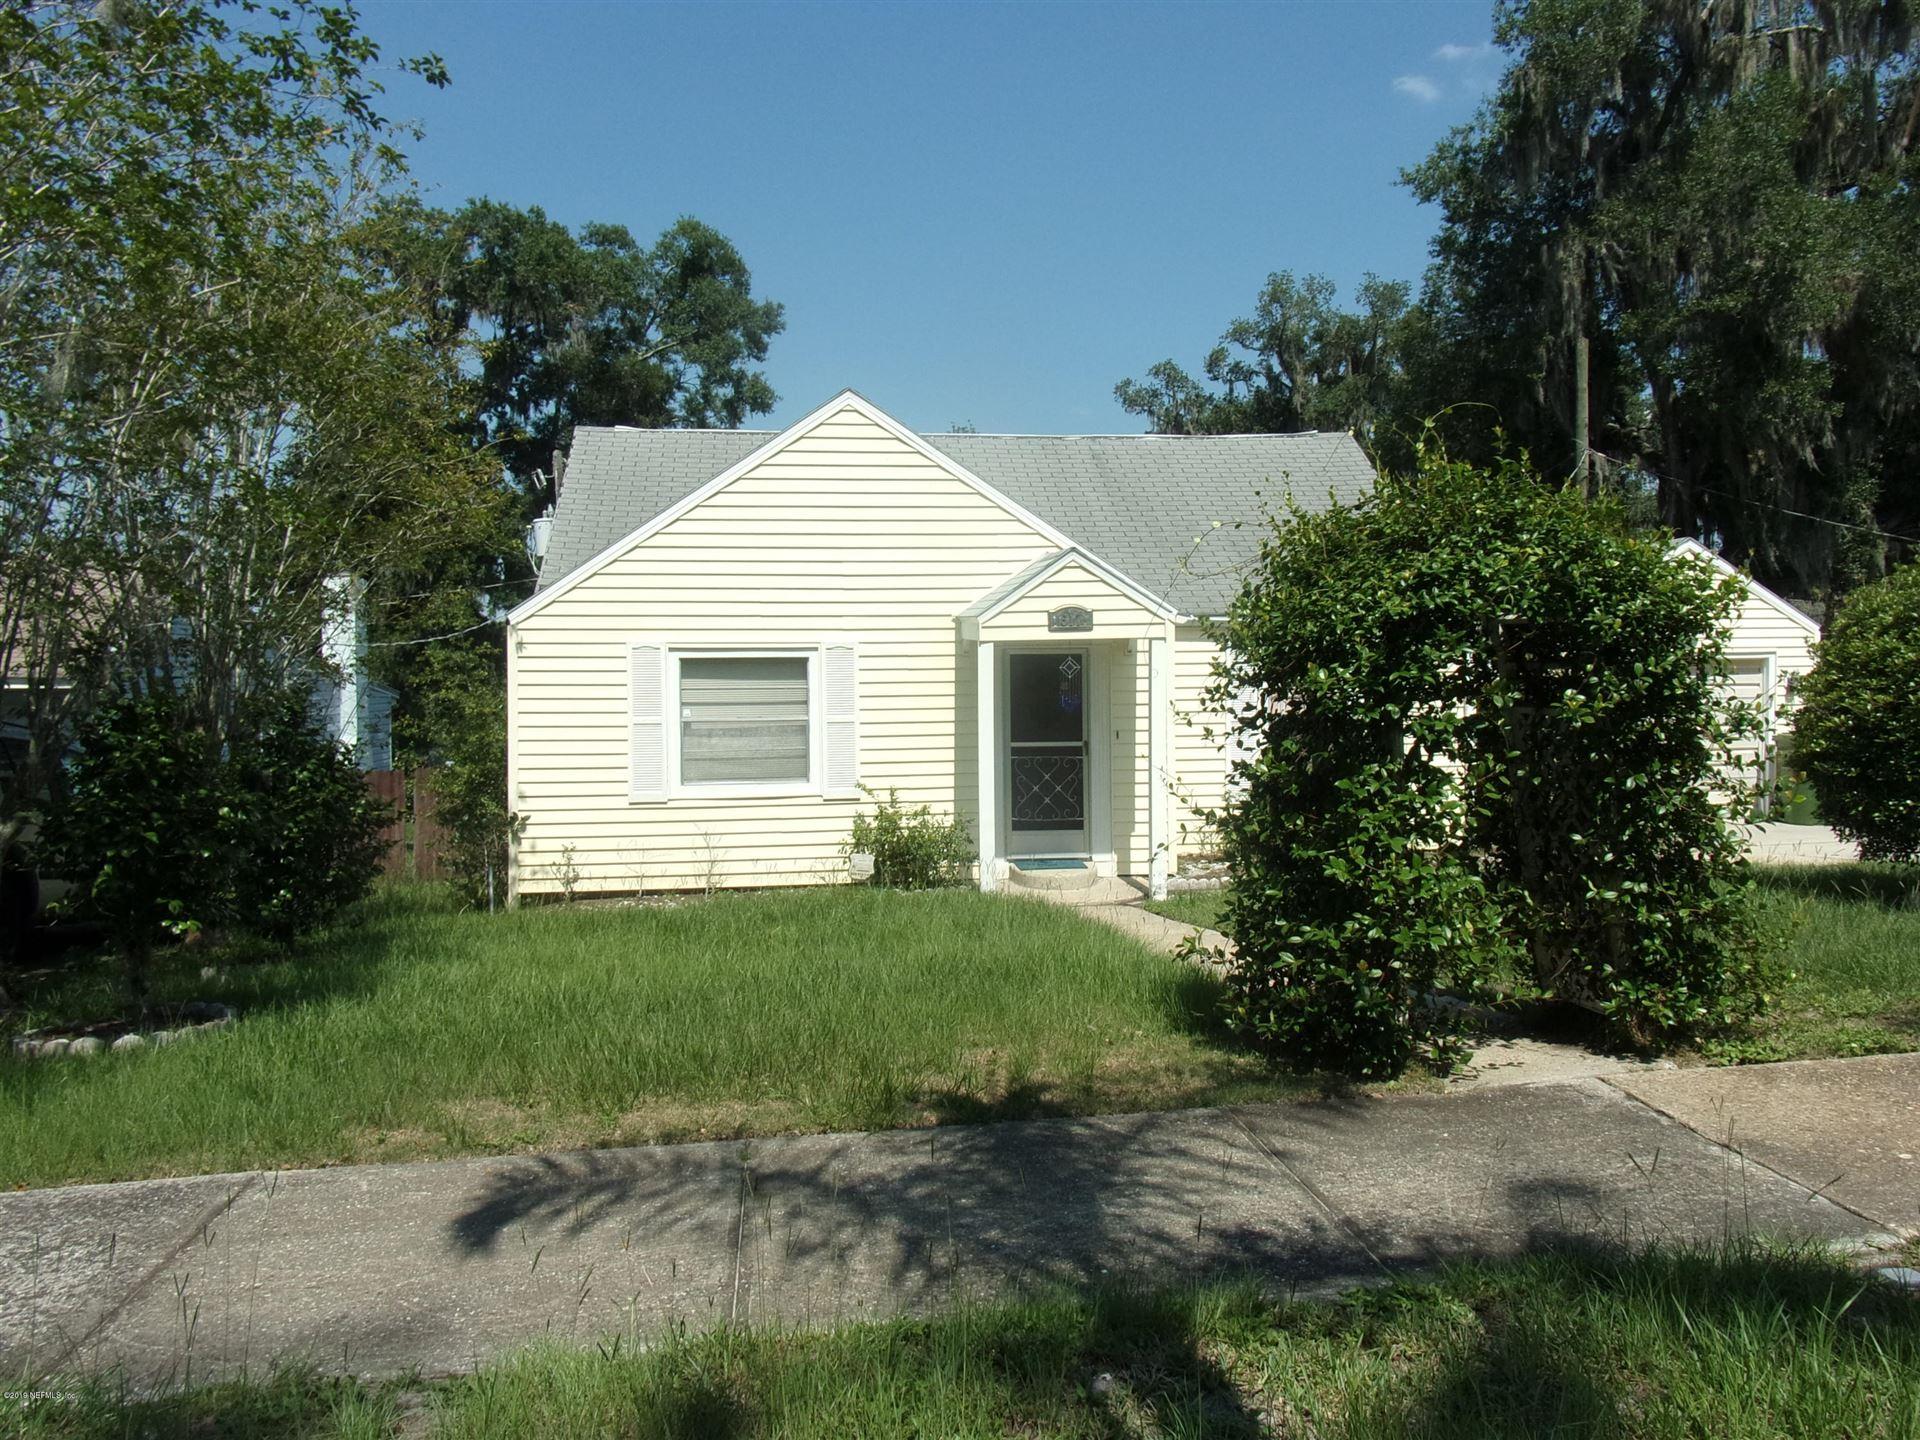 517 S 17TH ST, Palatka, FL 32177 - MLS#: 988650